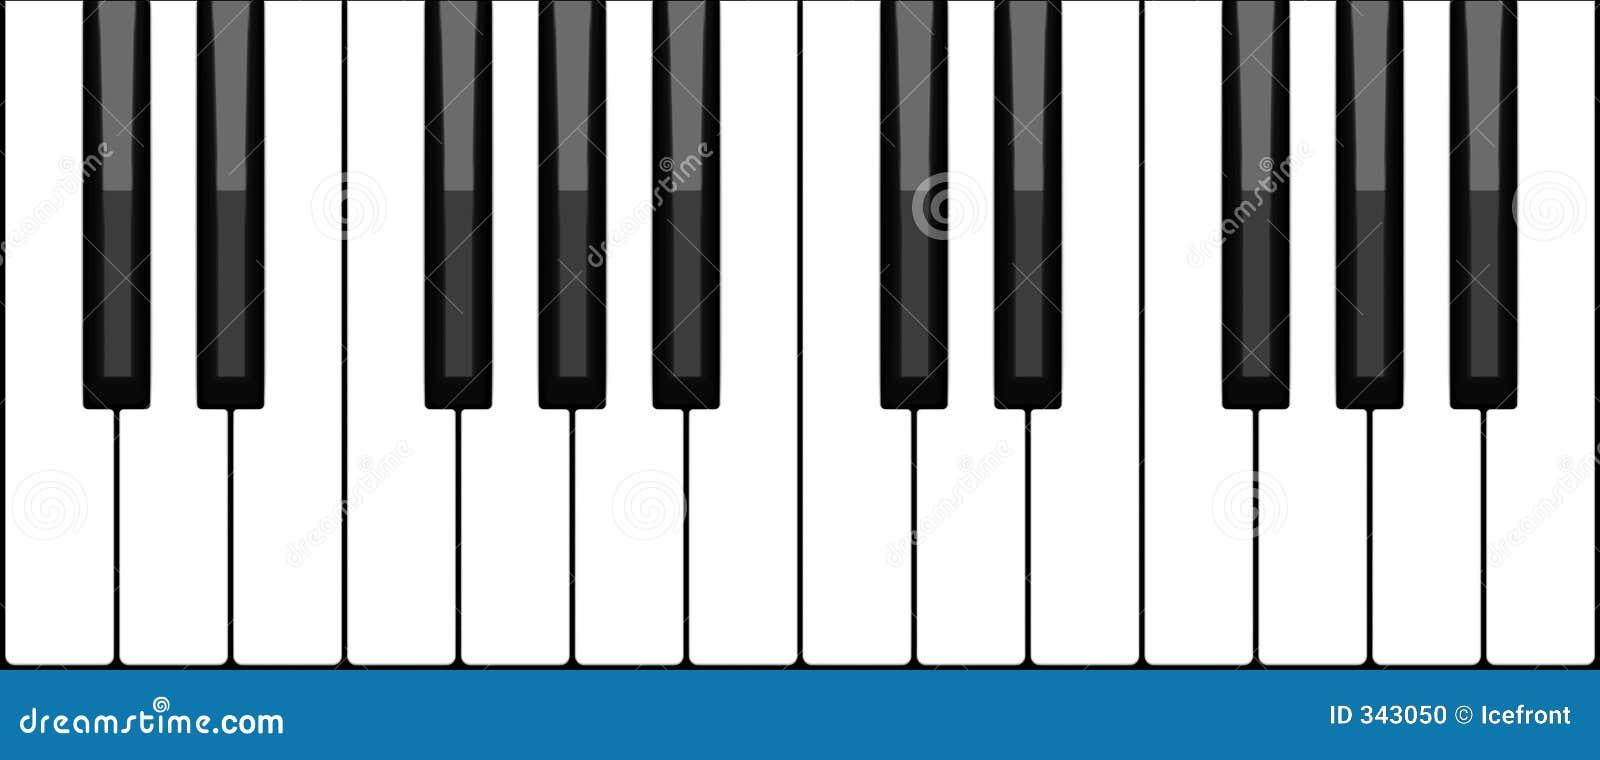 Virtuelle Klaviertastatur